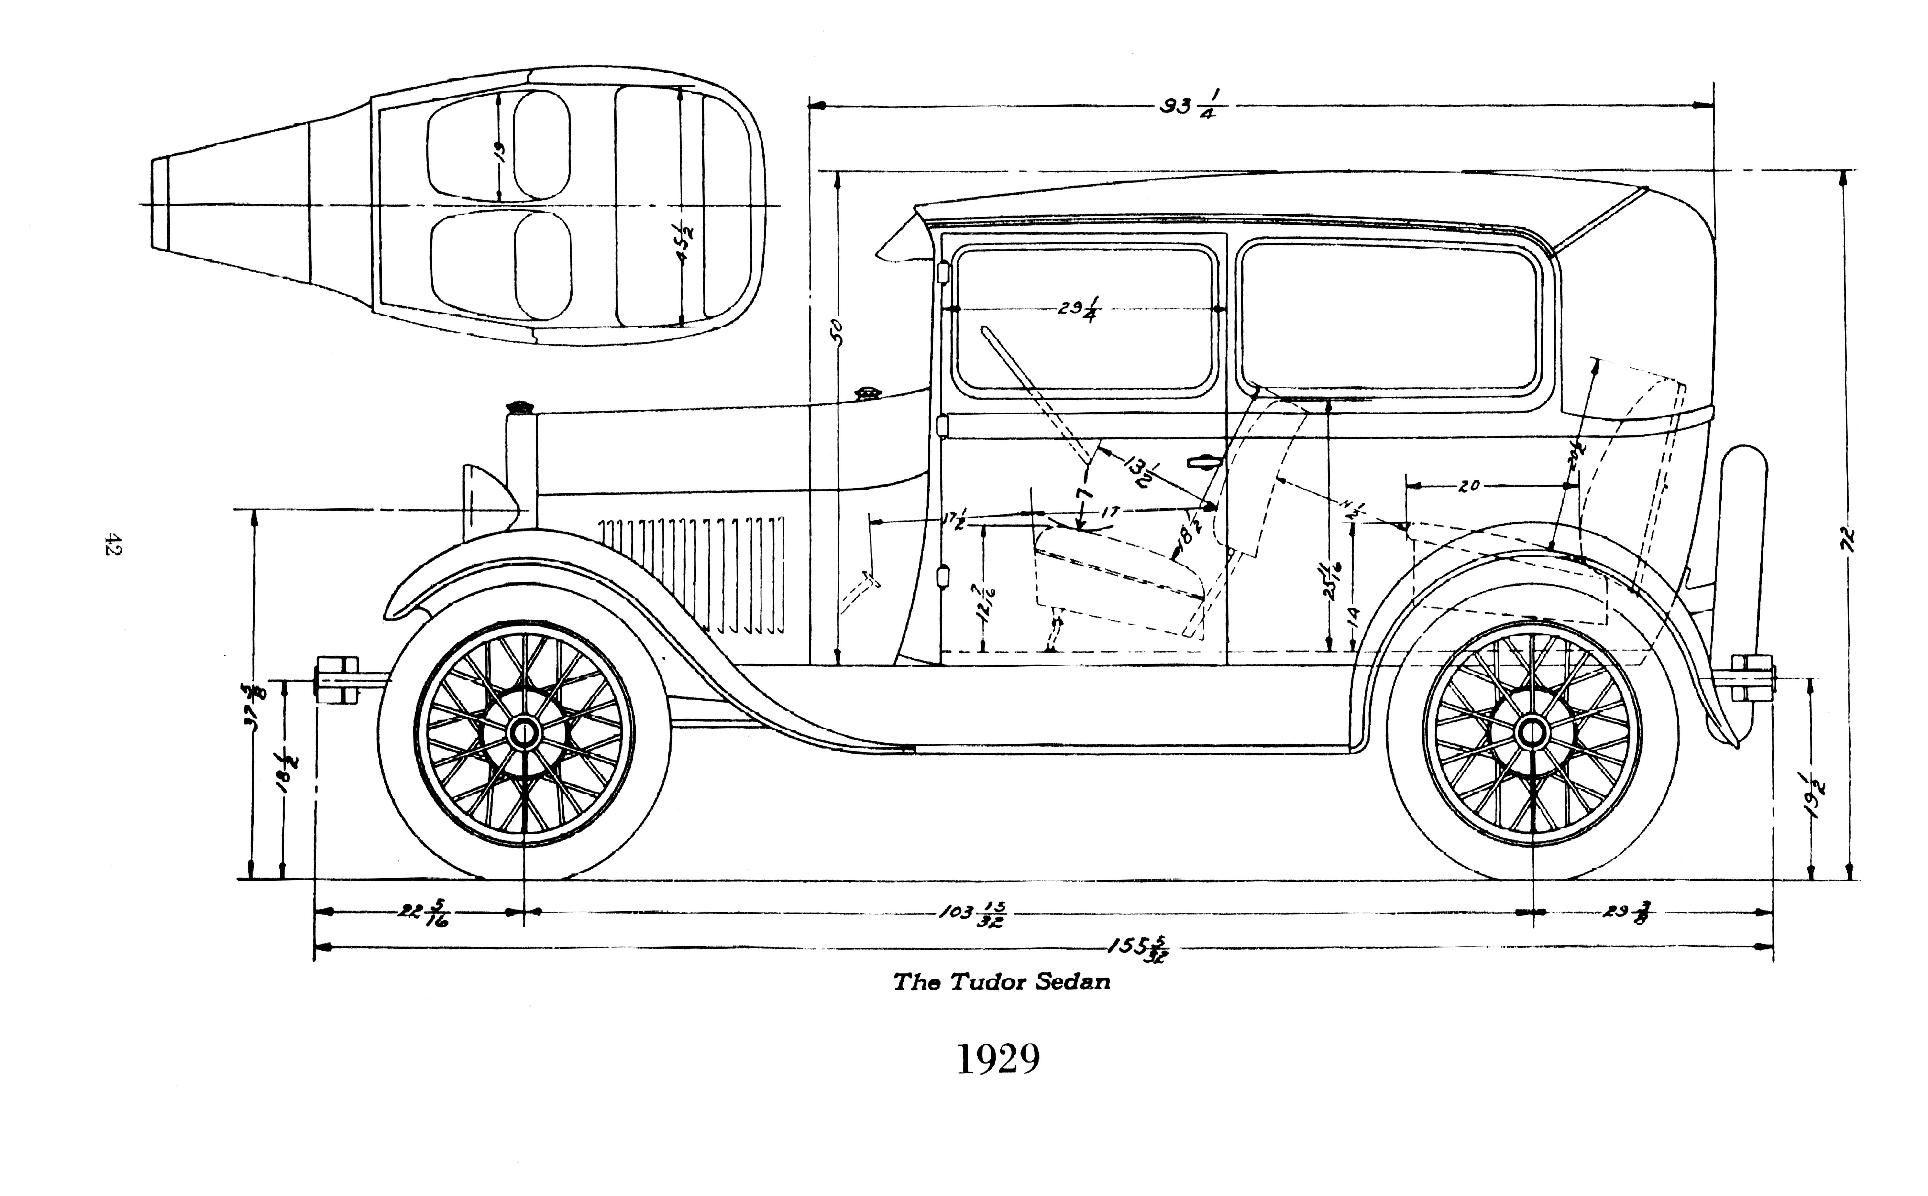 1932 Ford Flathead Engine